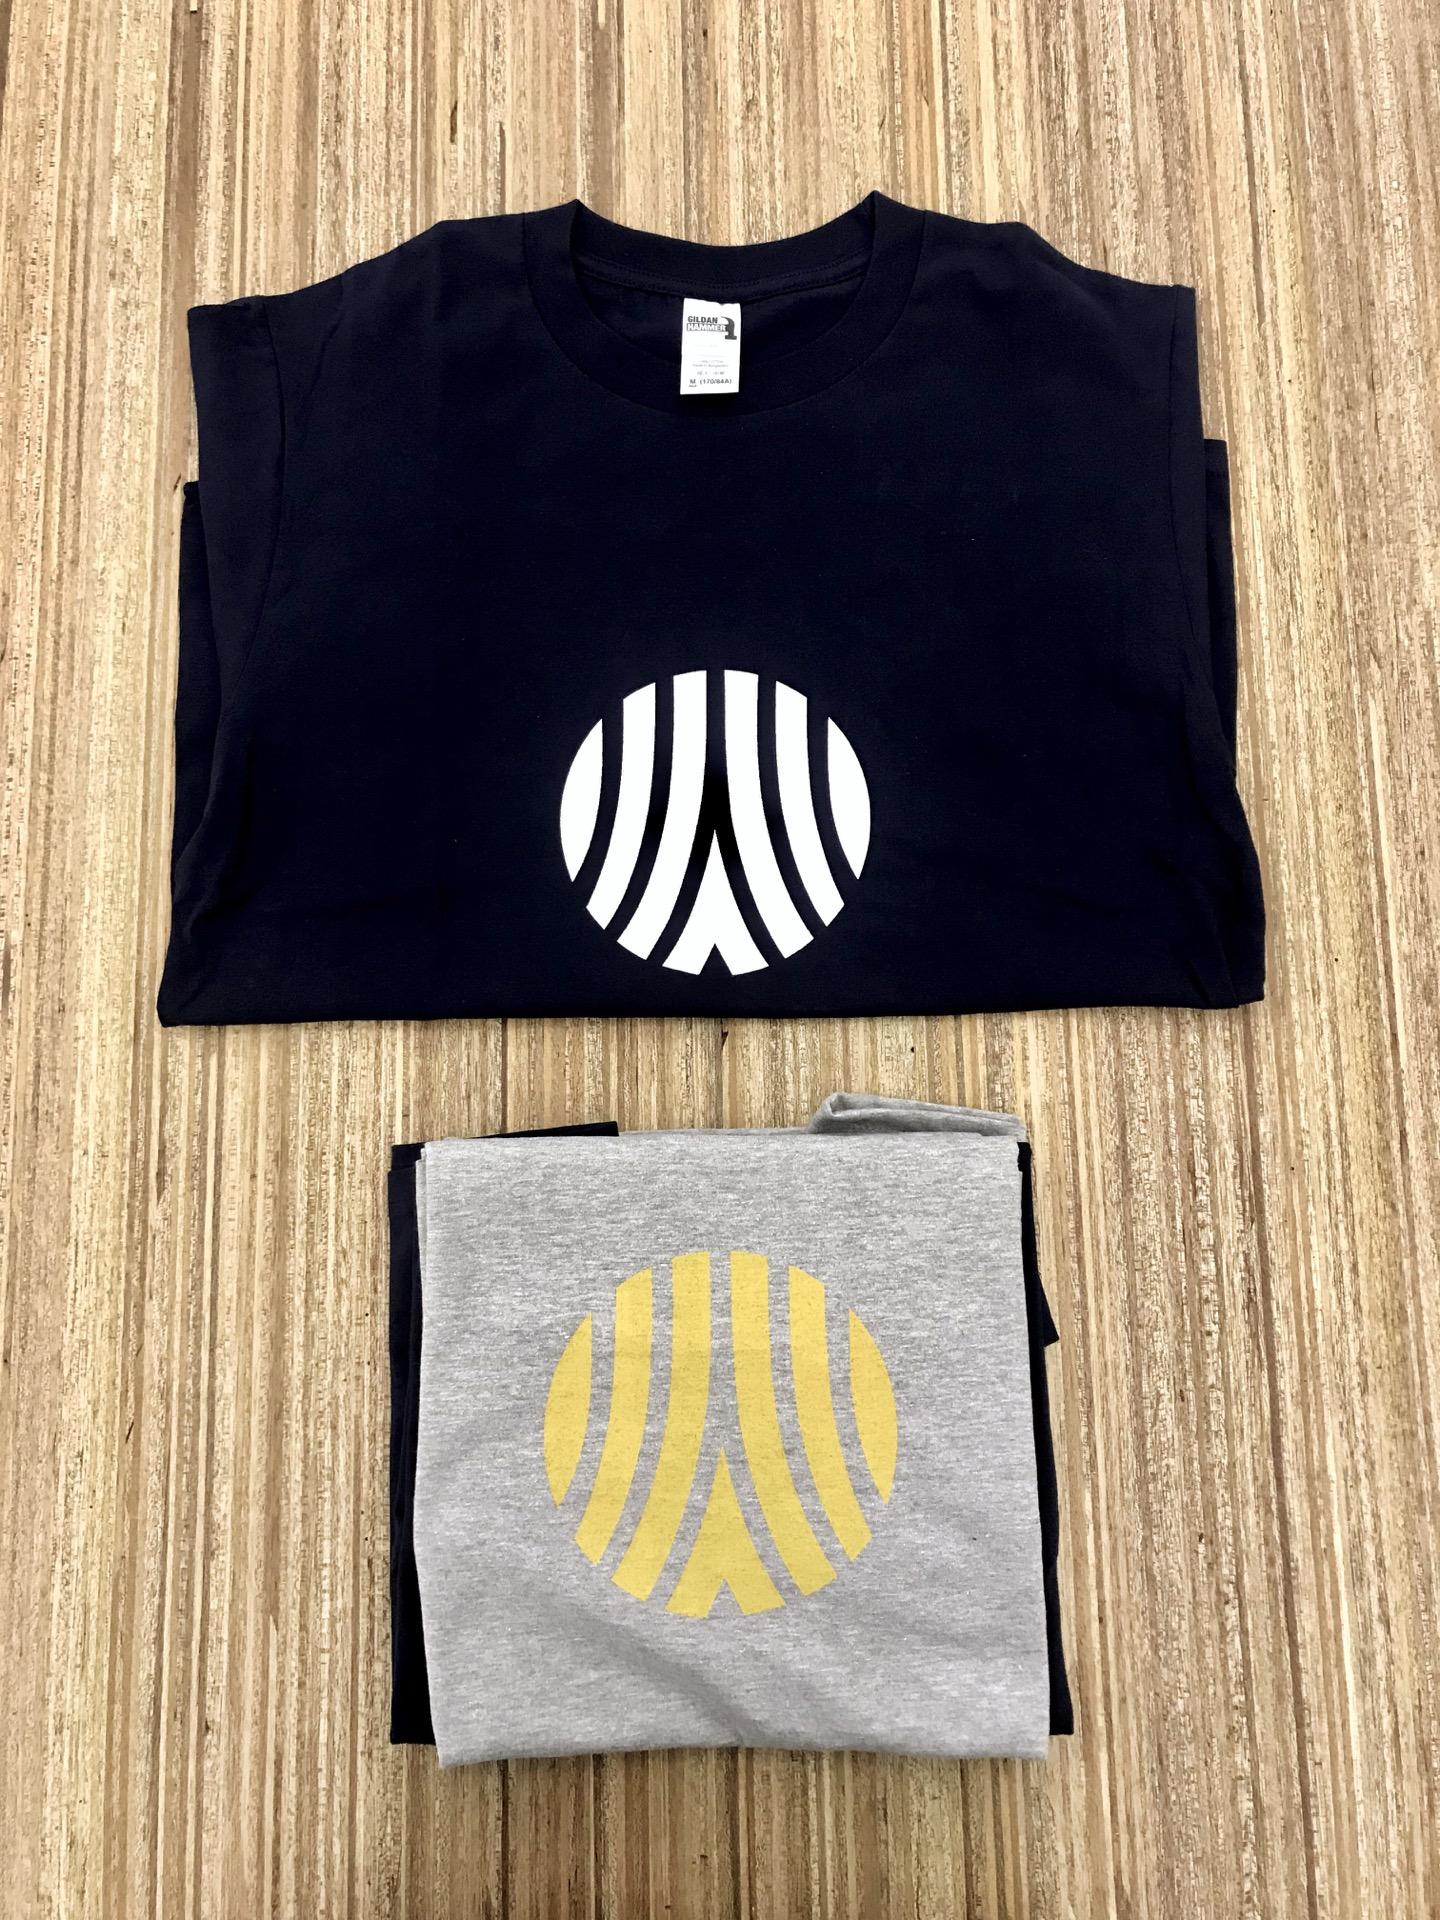 德築-DEZU-project-clothes-print-create-3